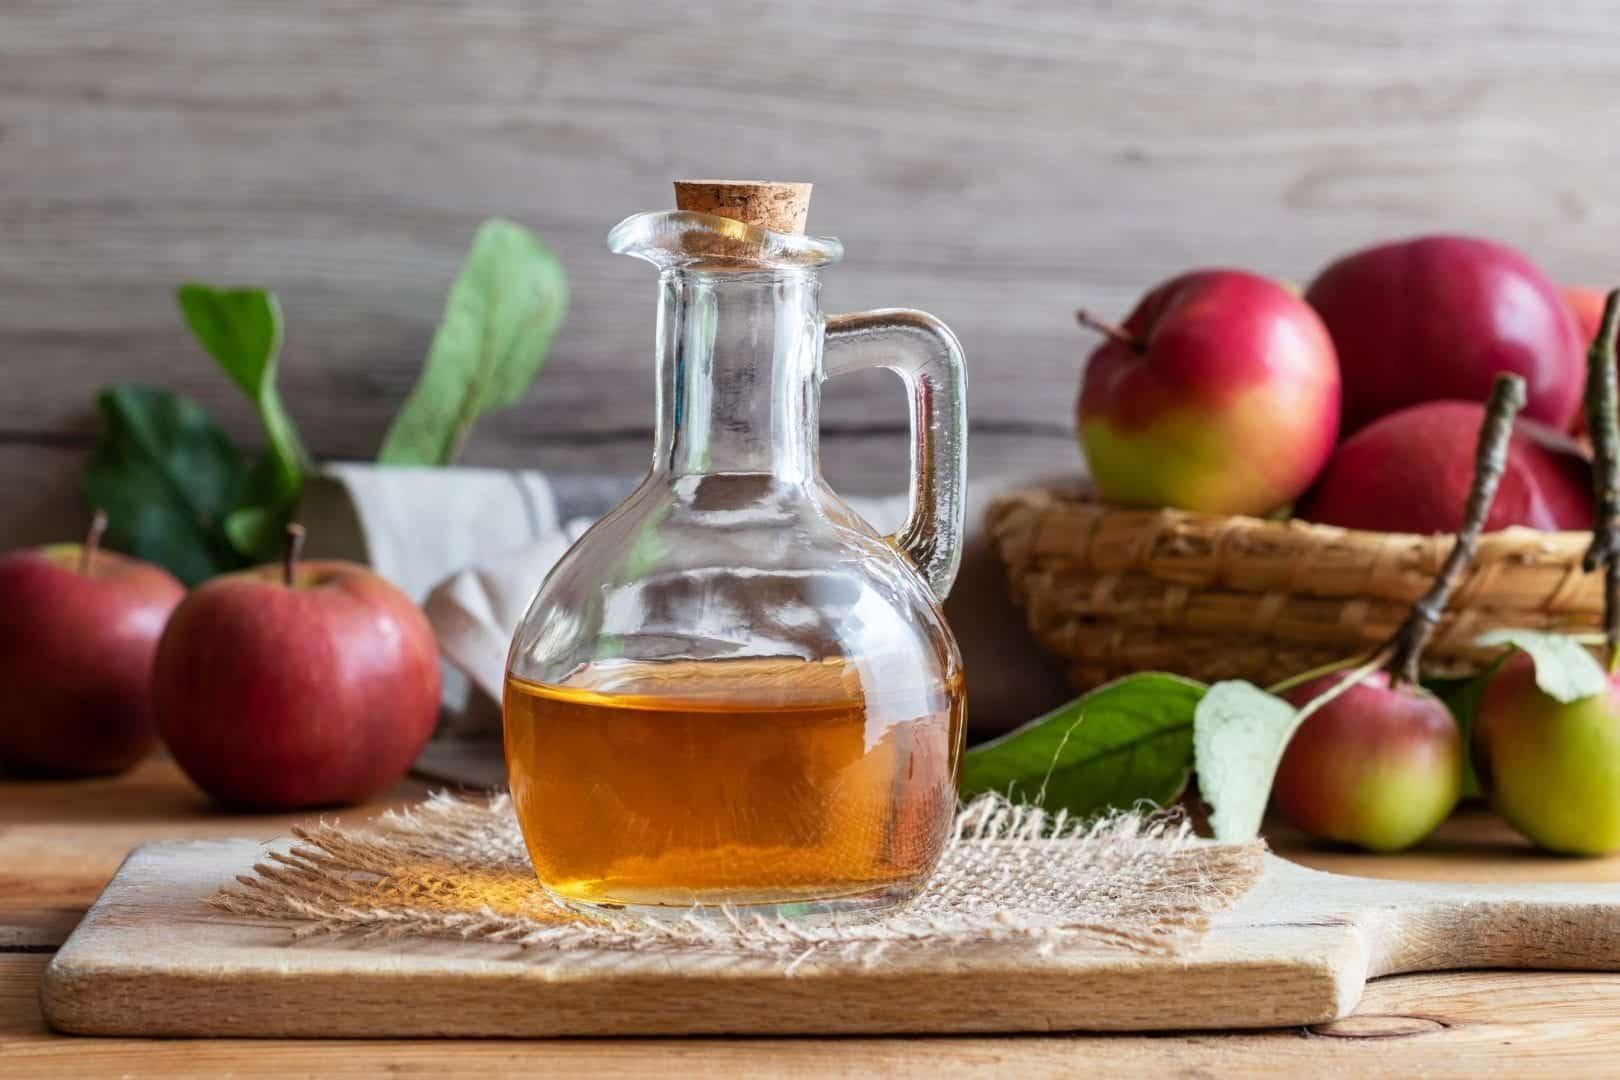 Vinagre de maçã - benefícios, formas de usar e receita caseira